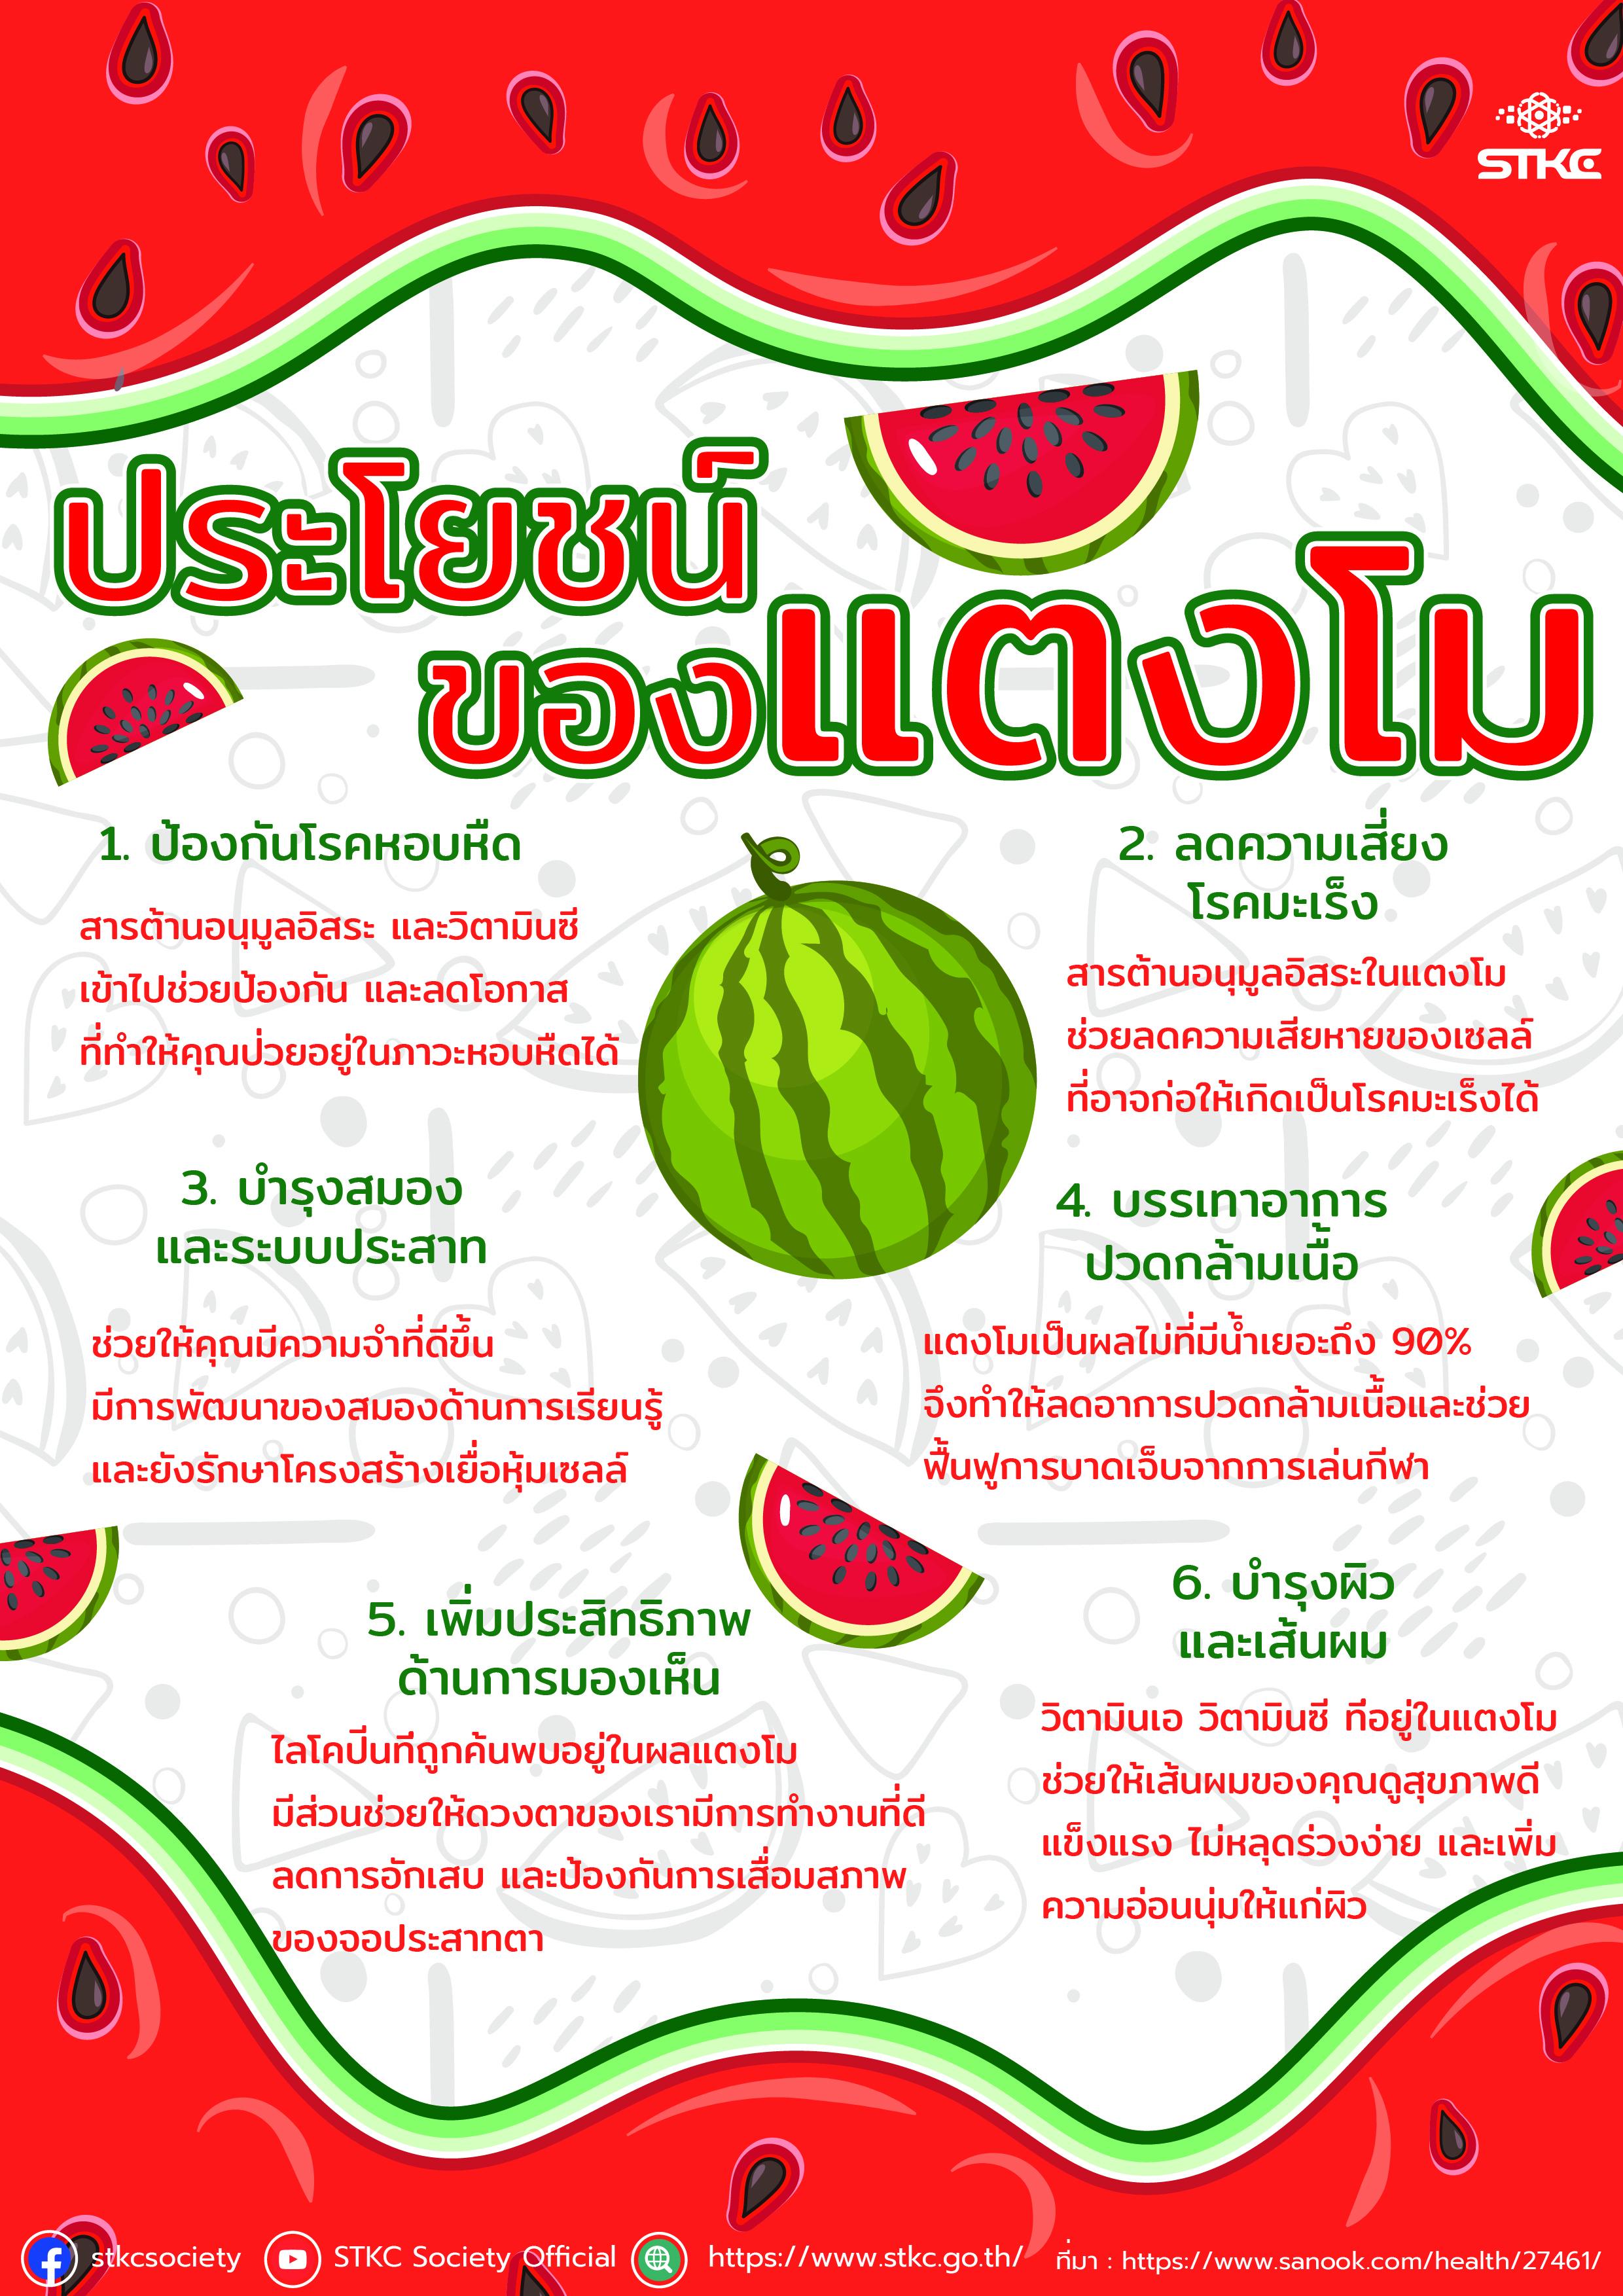 6 ประโยชน์ของแตงโม กับสุขภาพ ที่ไม่ได้มีดีแค่ความอร่อย